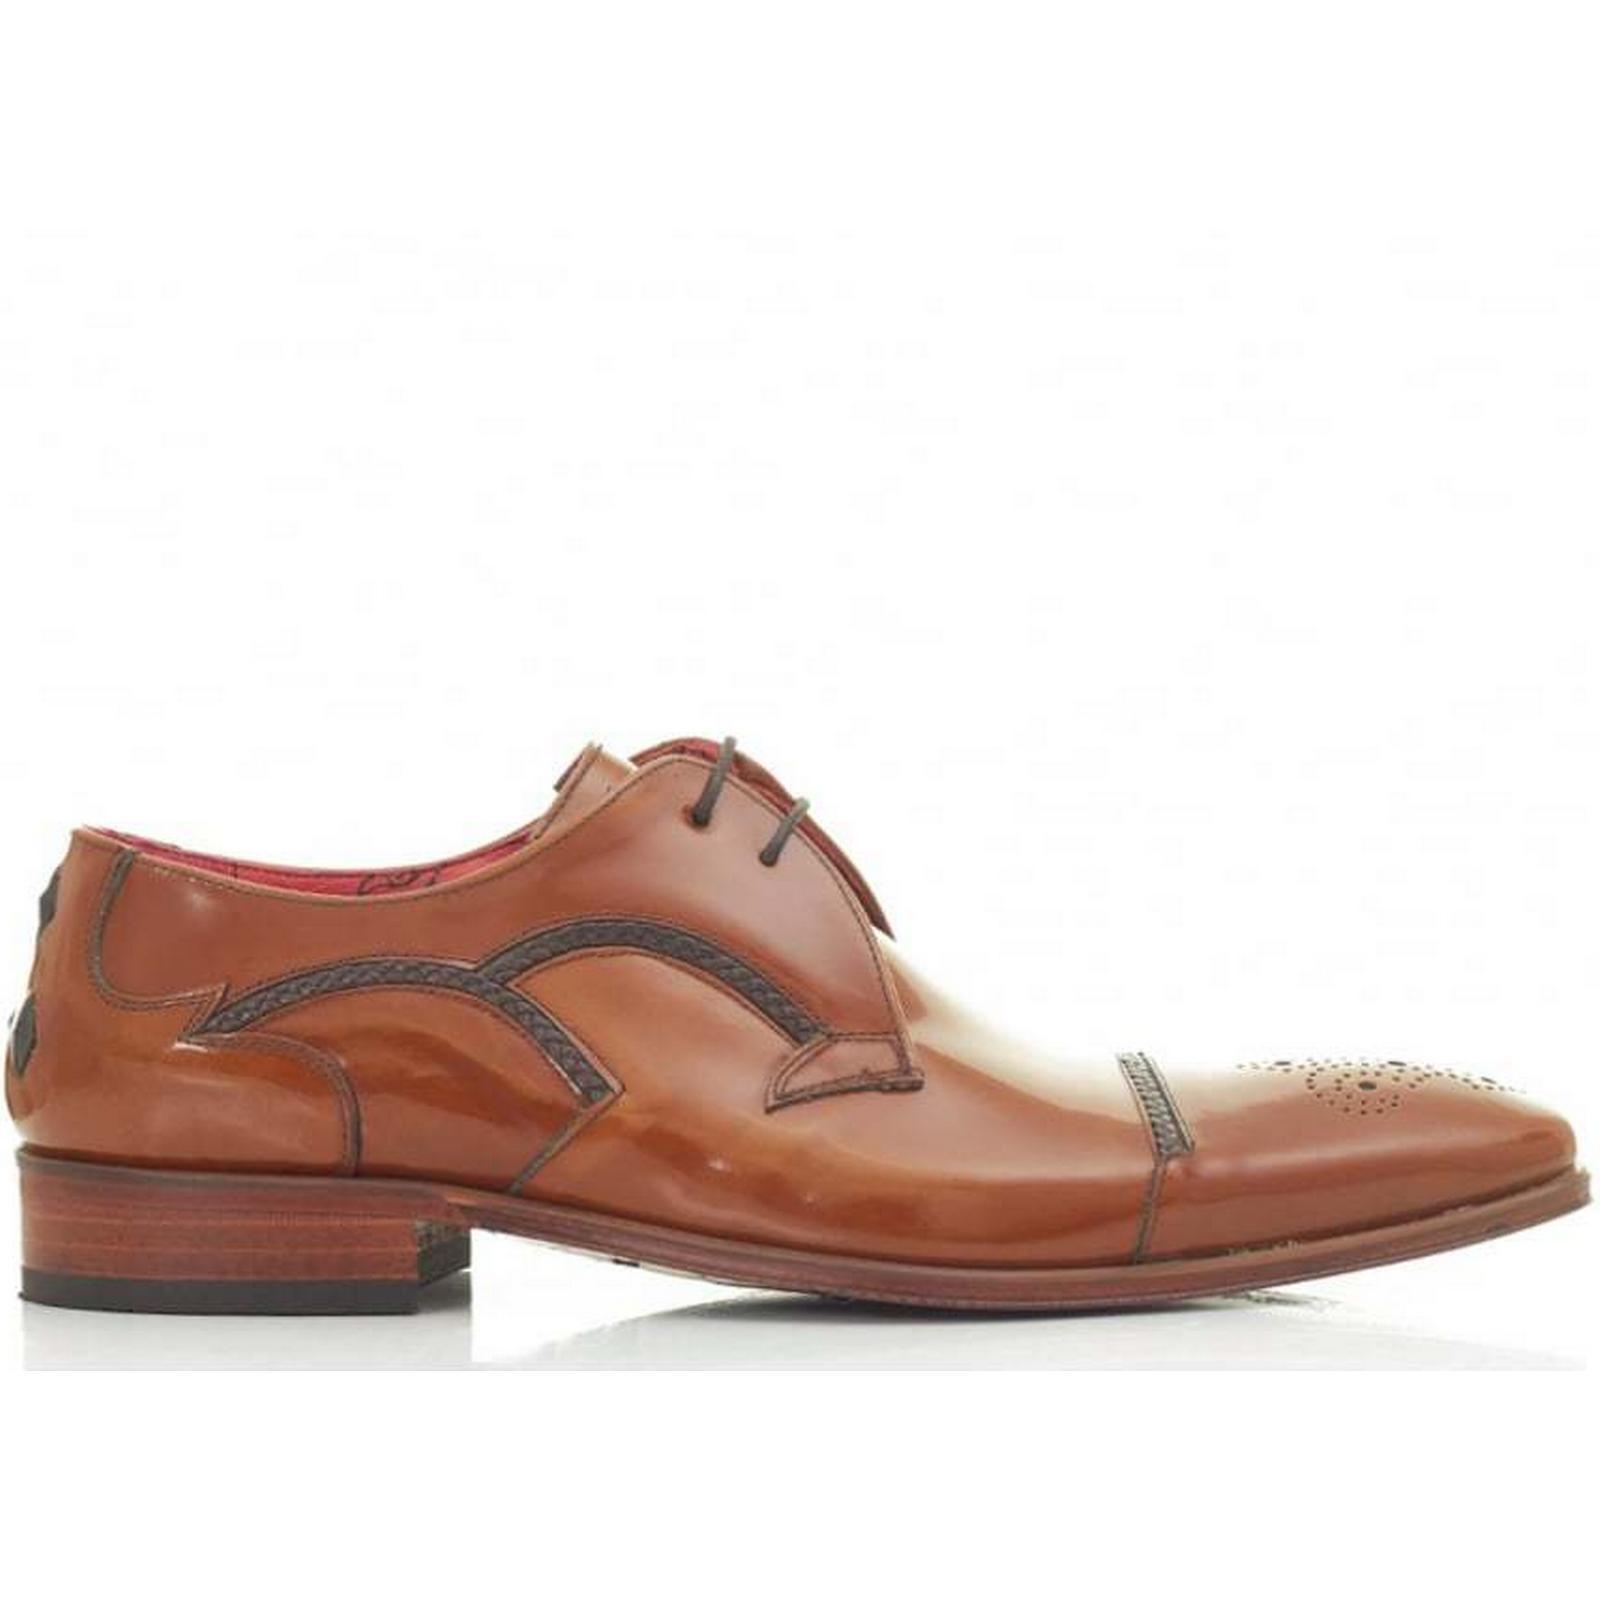 Jeffery West Colour: Museline Toecap Gibson Leather Shoes Colour: West TAN, Size: 8 da4a99